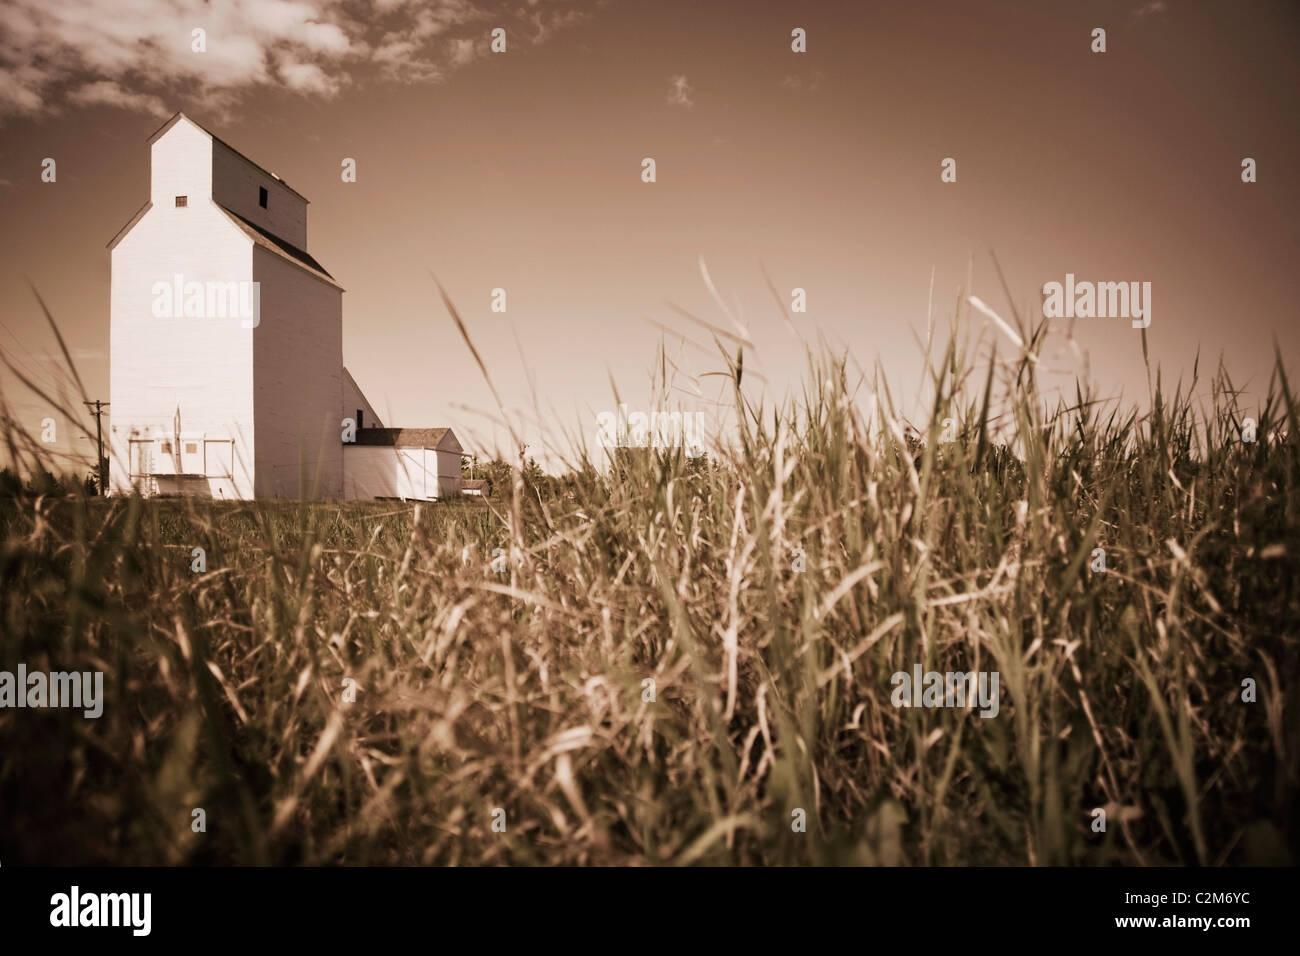 Alberta, Canada; A Grain Elevator - Stock Image